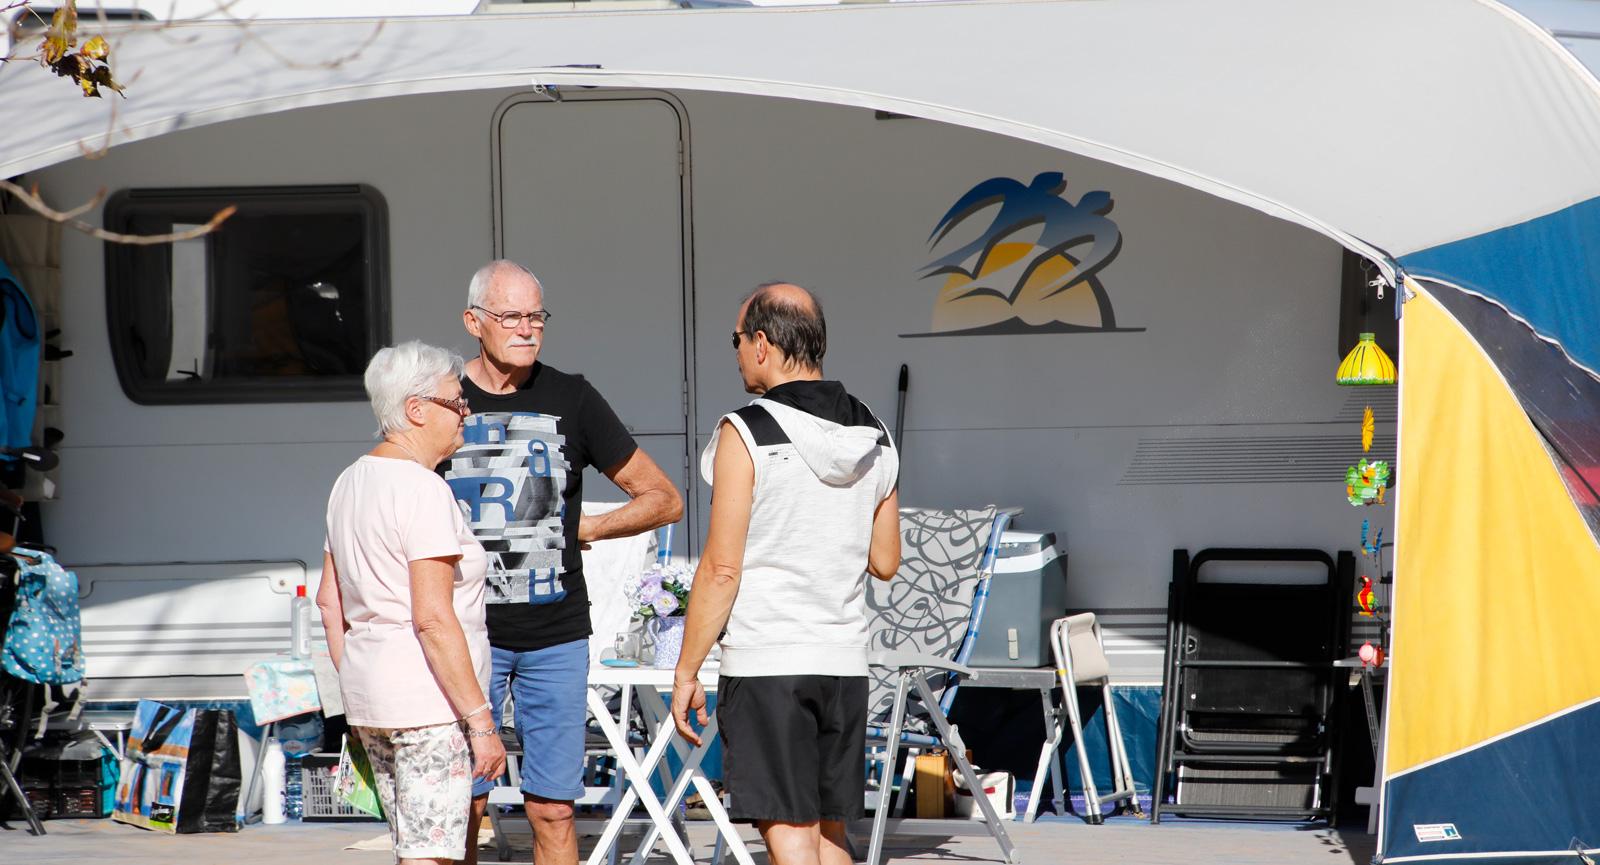 Martin och Simone Philipp uppskattar samtalen med grannarna på campingen.